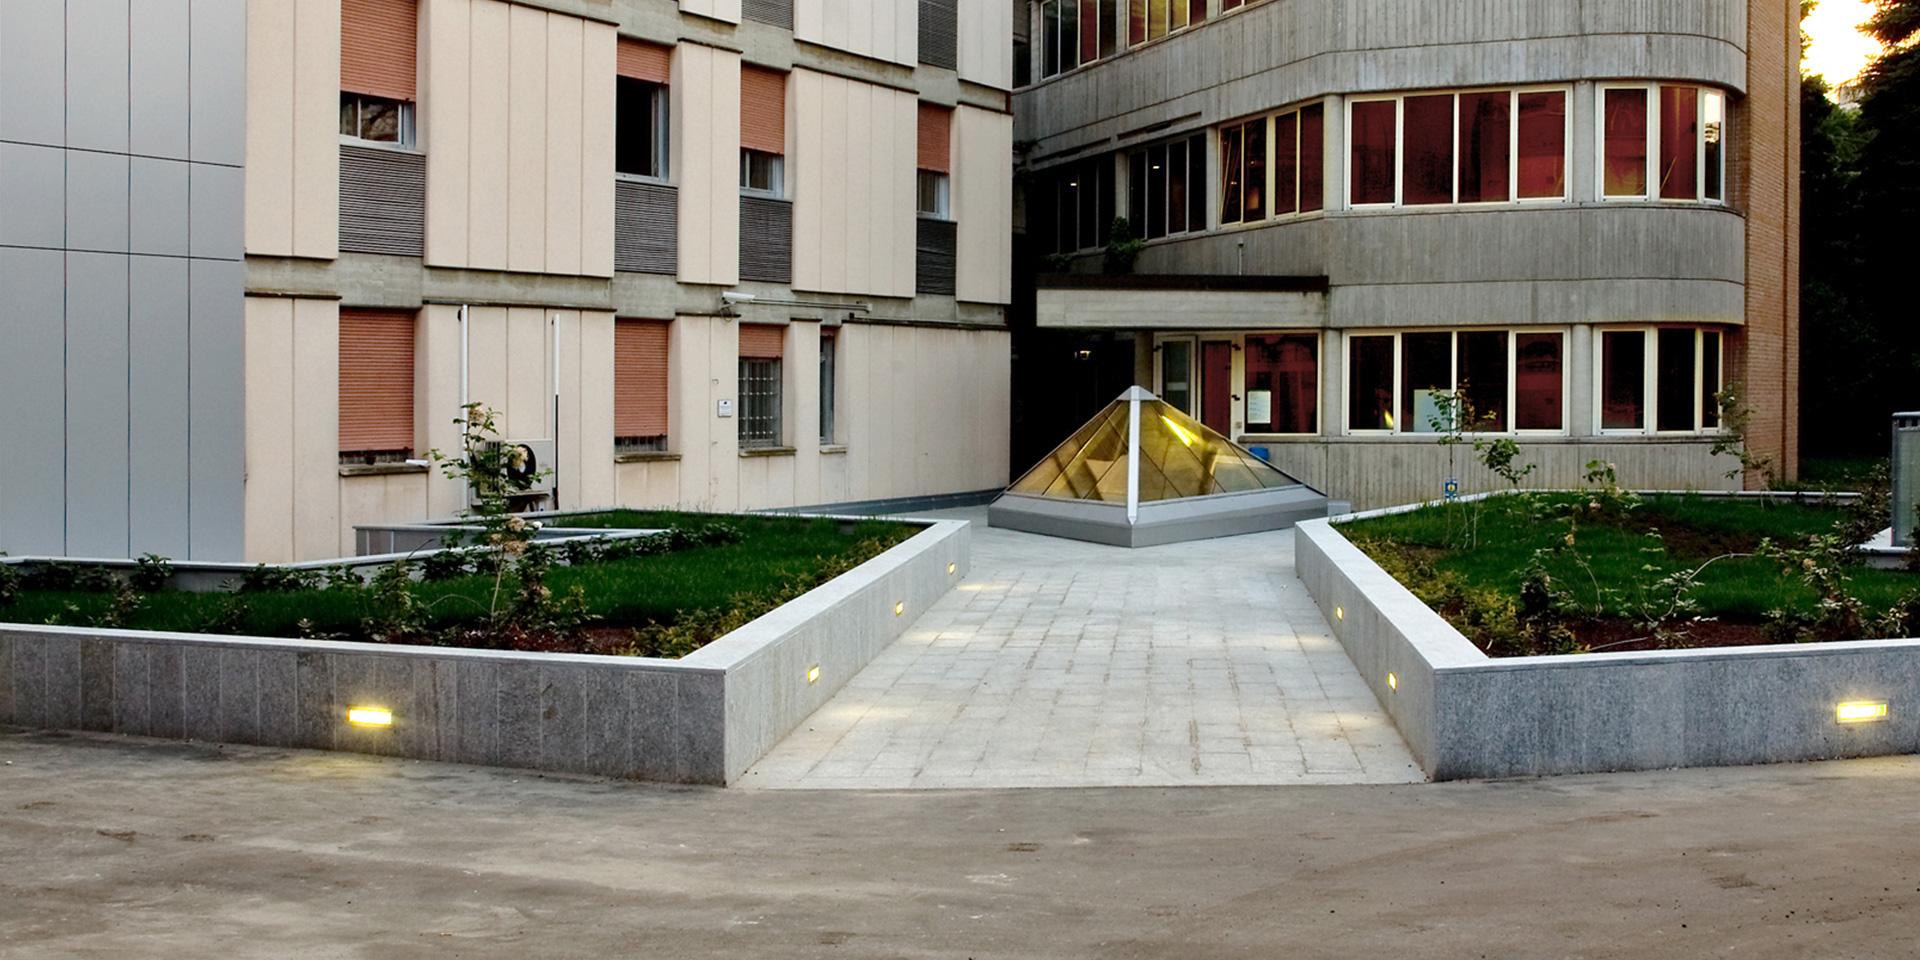 Potenziamento Casa di Cura Villa Verde a Reggio Emilia, Binini Partners, Società di architettura e ingegneria